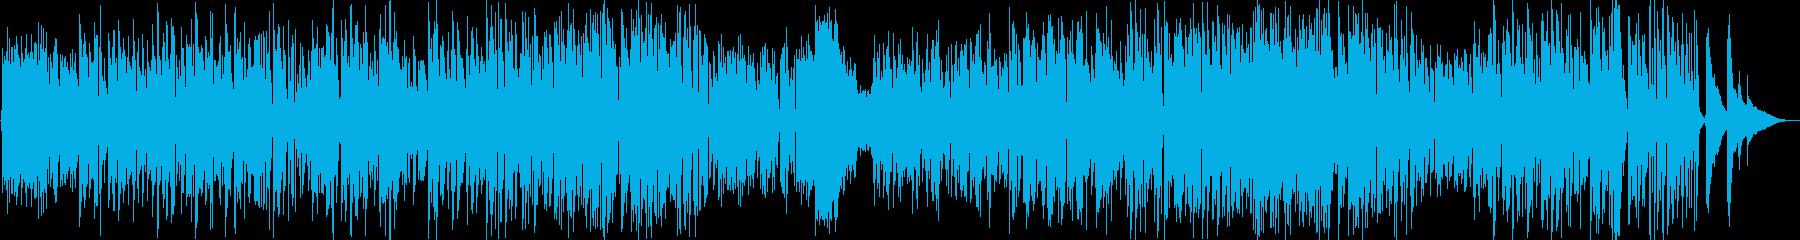 バサノバ アクティブ 明るい ほの...の再生済みの波形